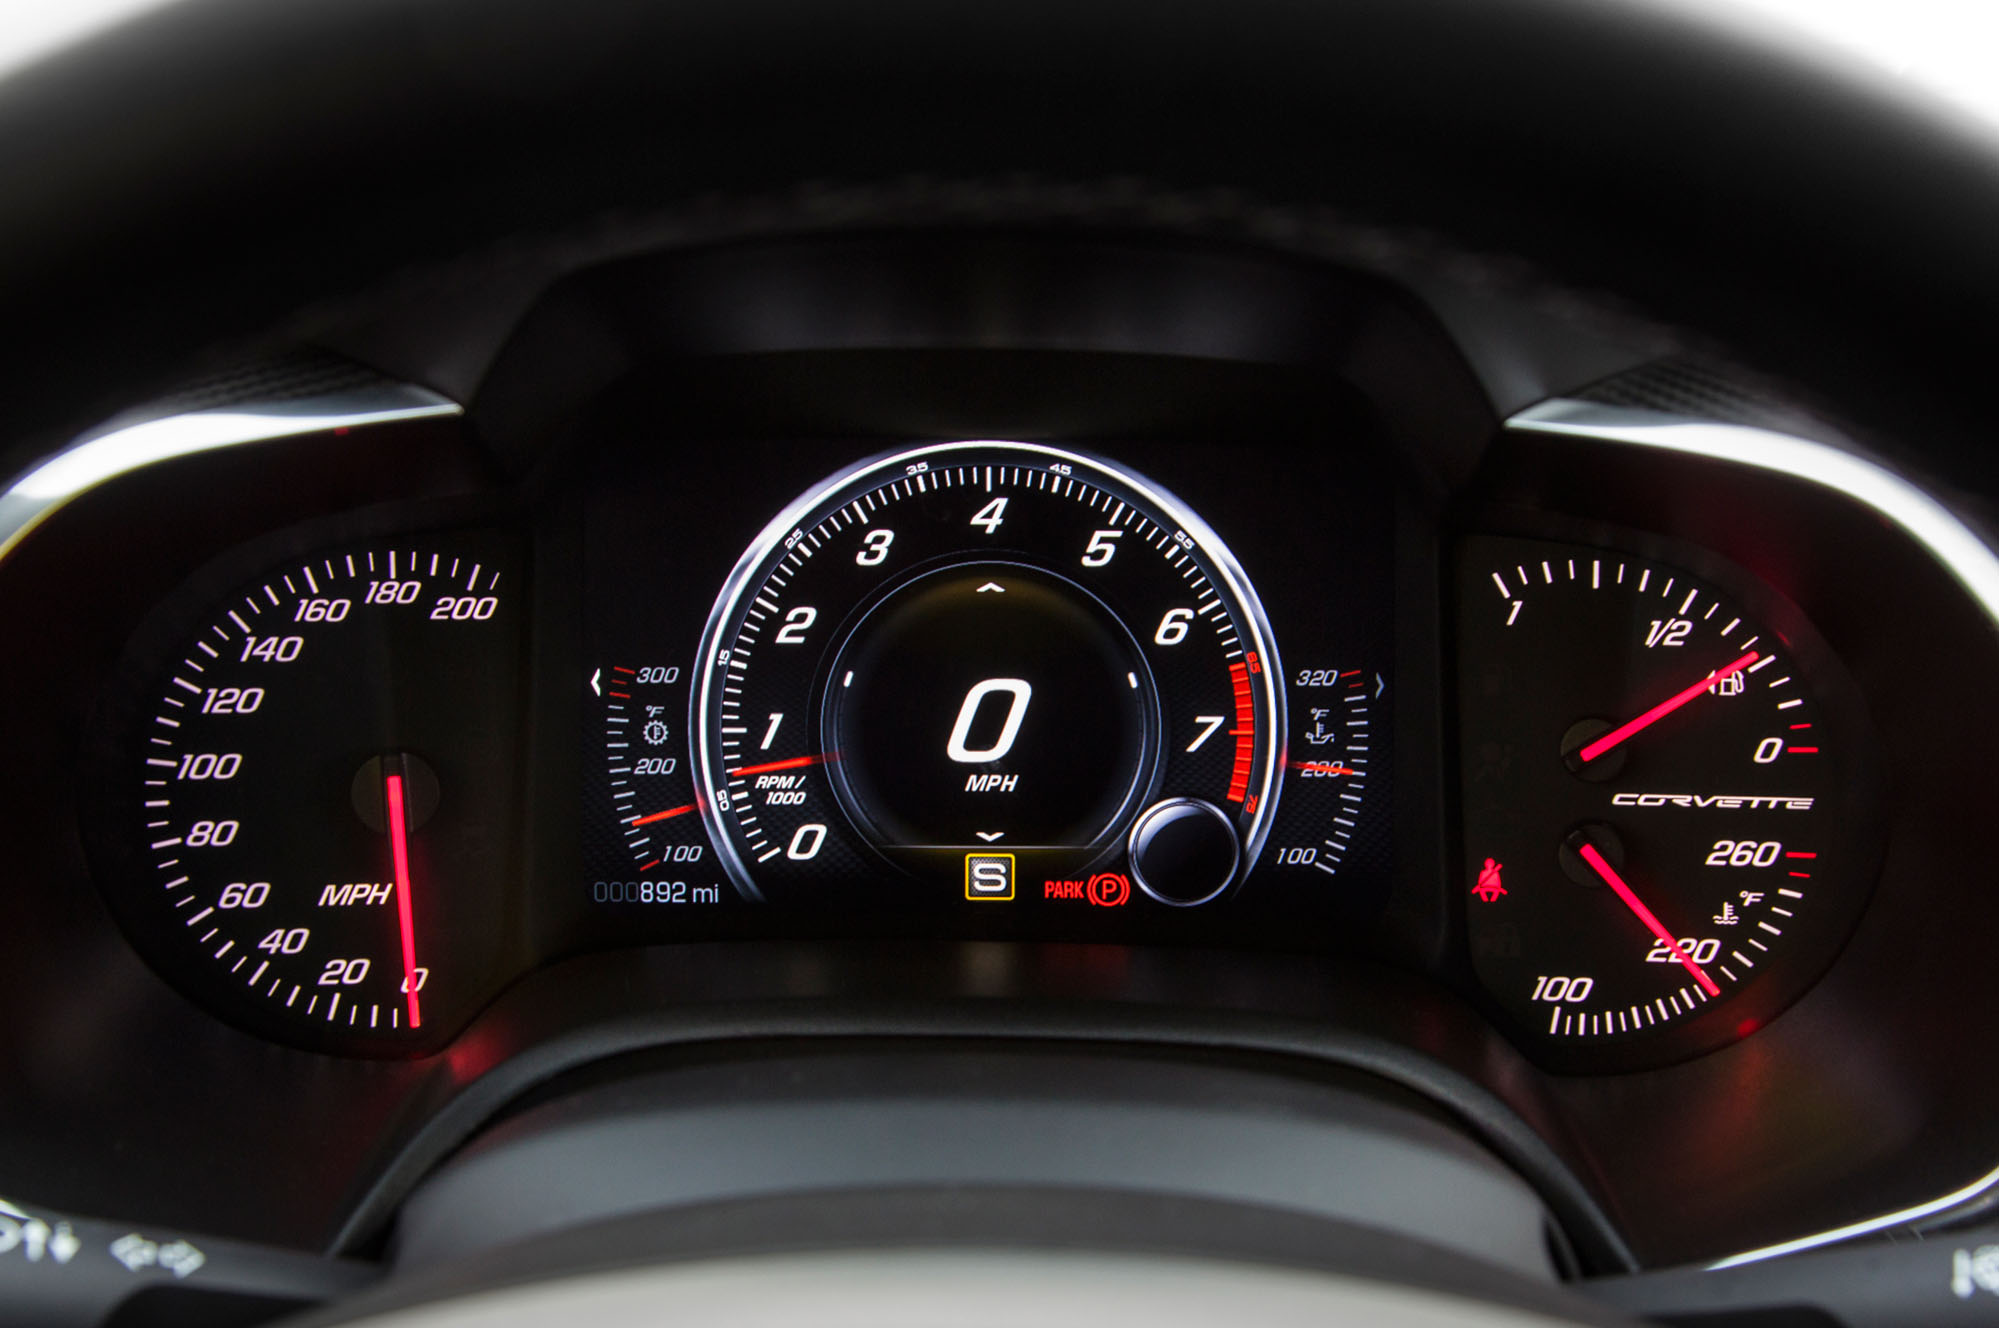 Corvette Dash 2